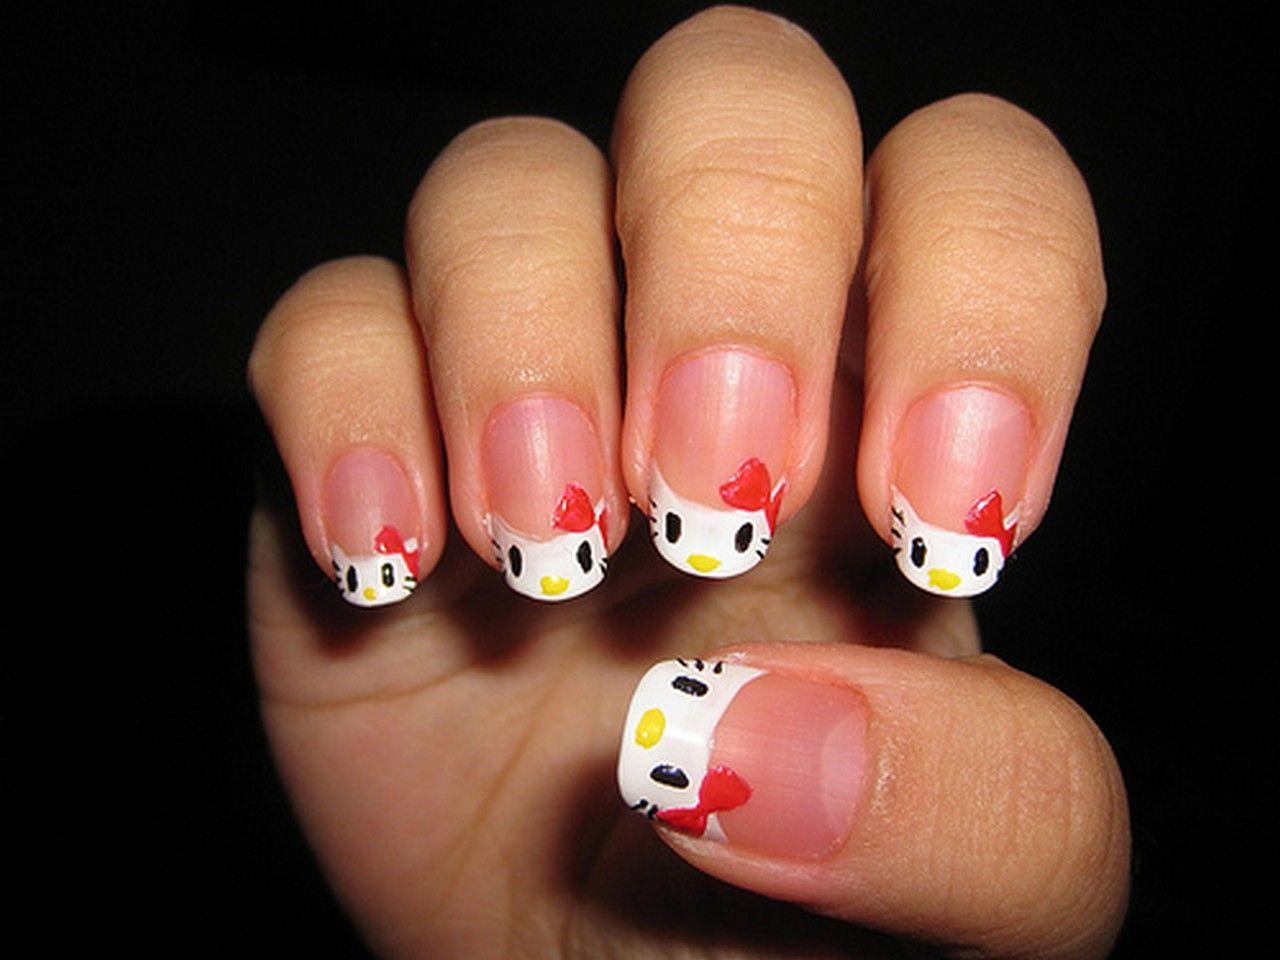 Acrylic nail designs hello kitty acrylic nail designs nails acrylic nail designs hello kitty acrylic nail designs prinsesfo Gallery